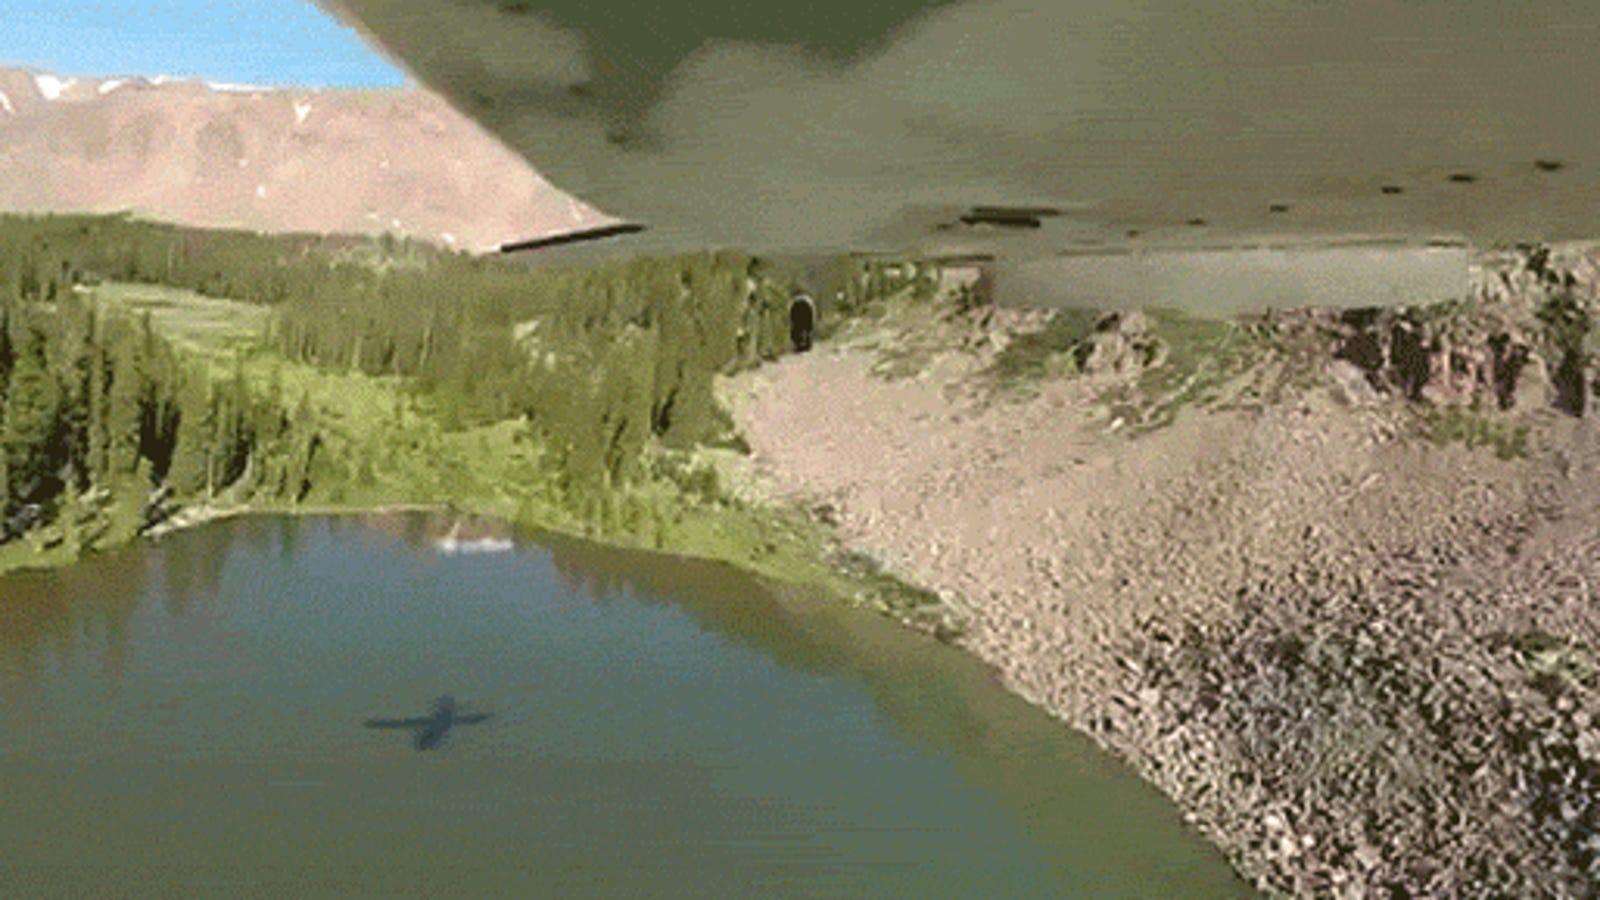 Así se repueblan de peces algunos lagos: con avioneta